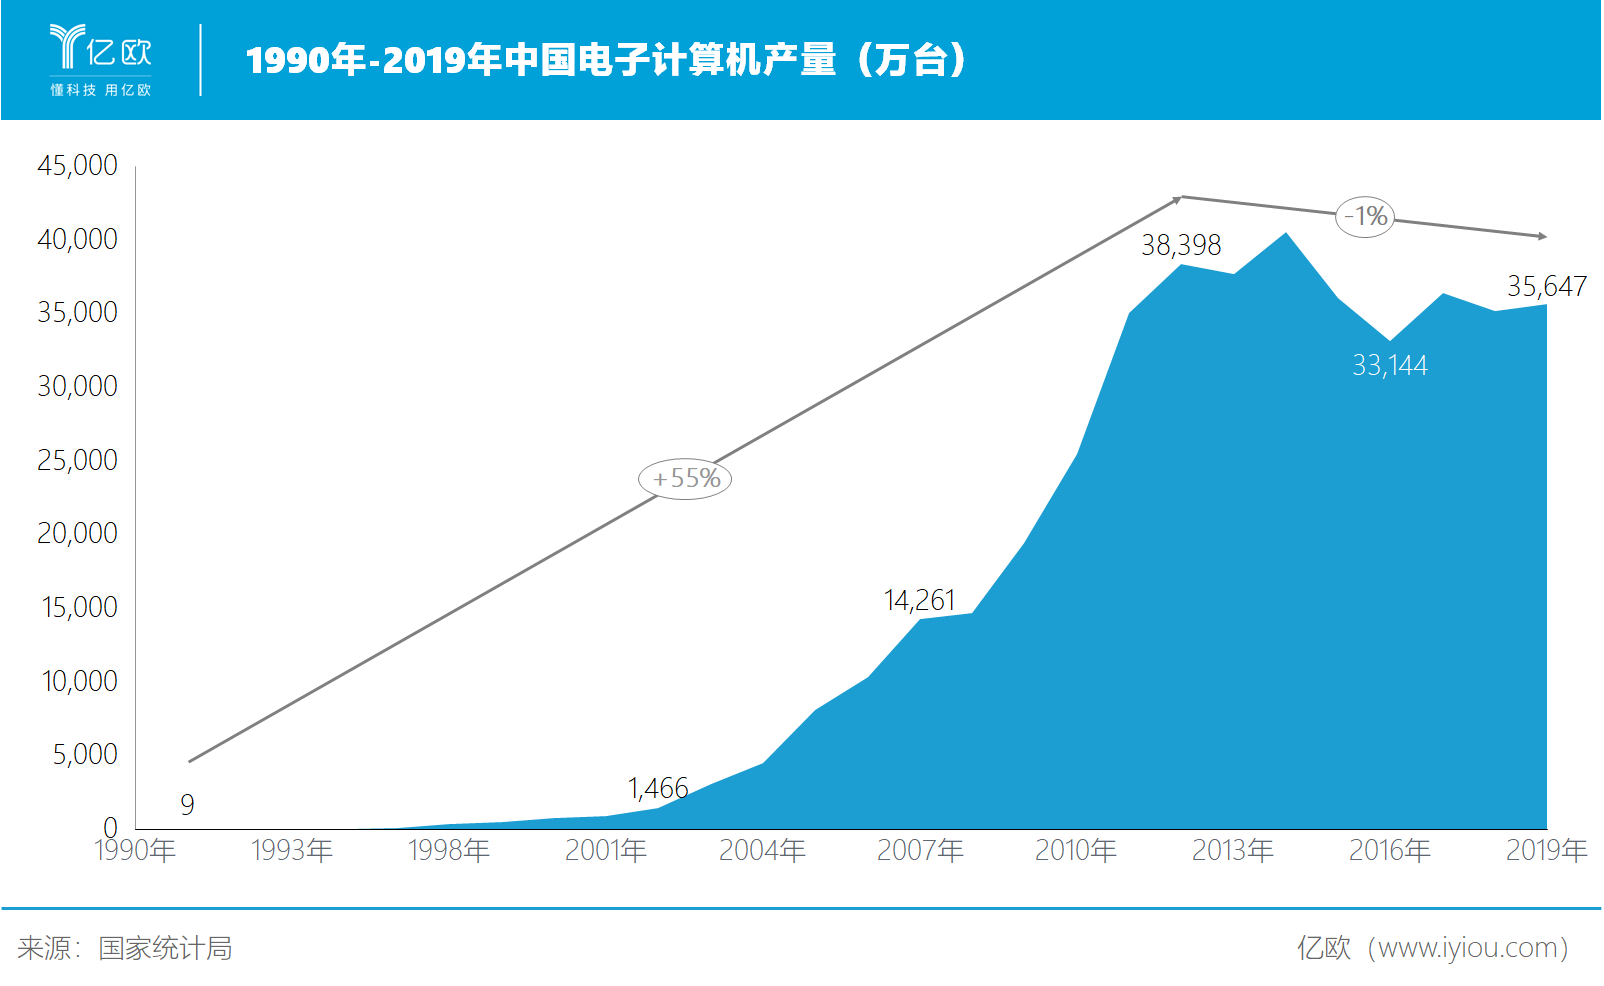 必赢亚州366net智库:中国电子计算机产量